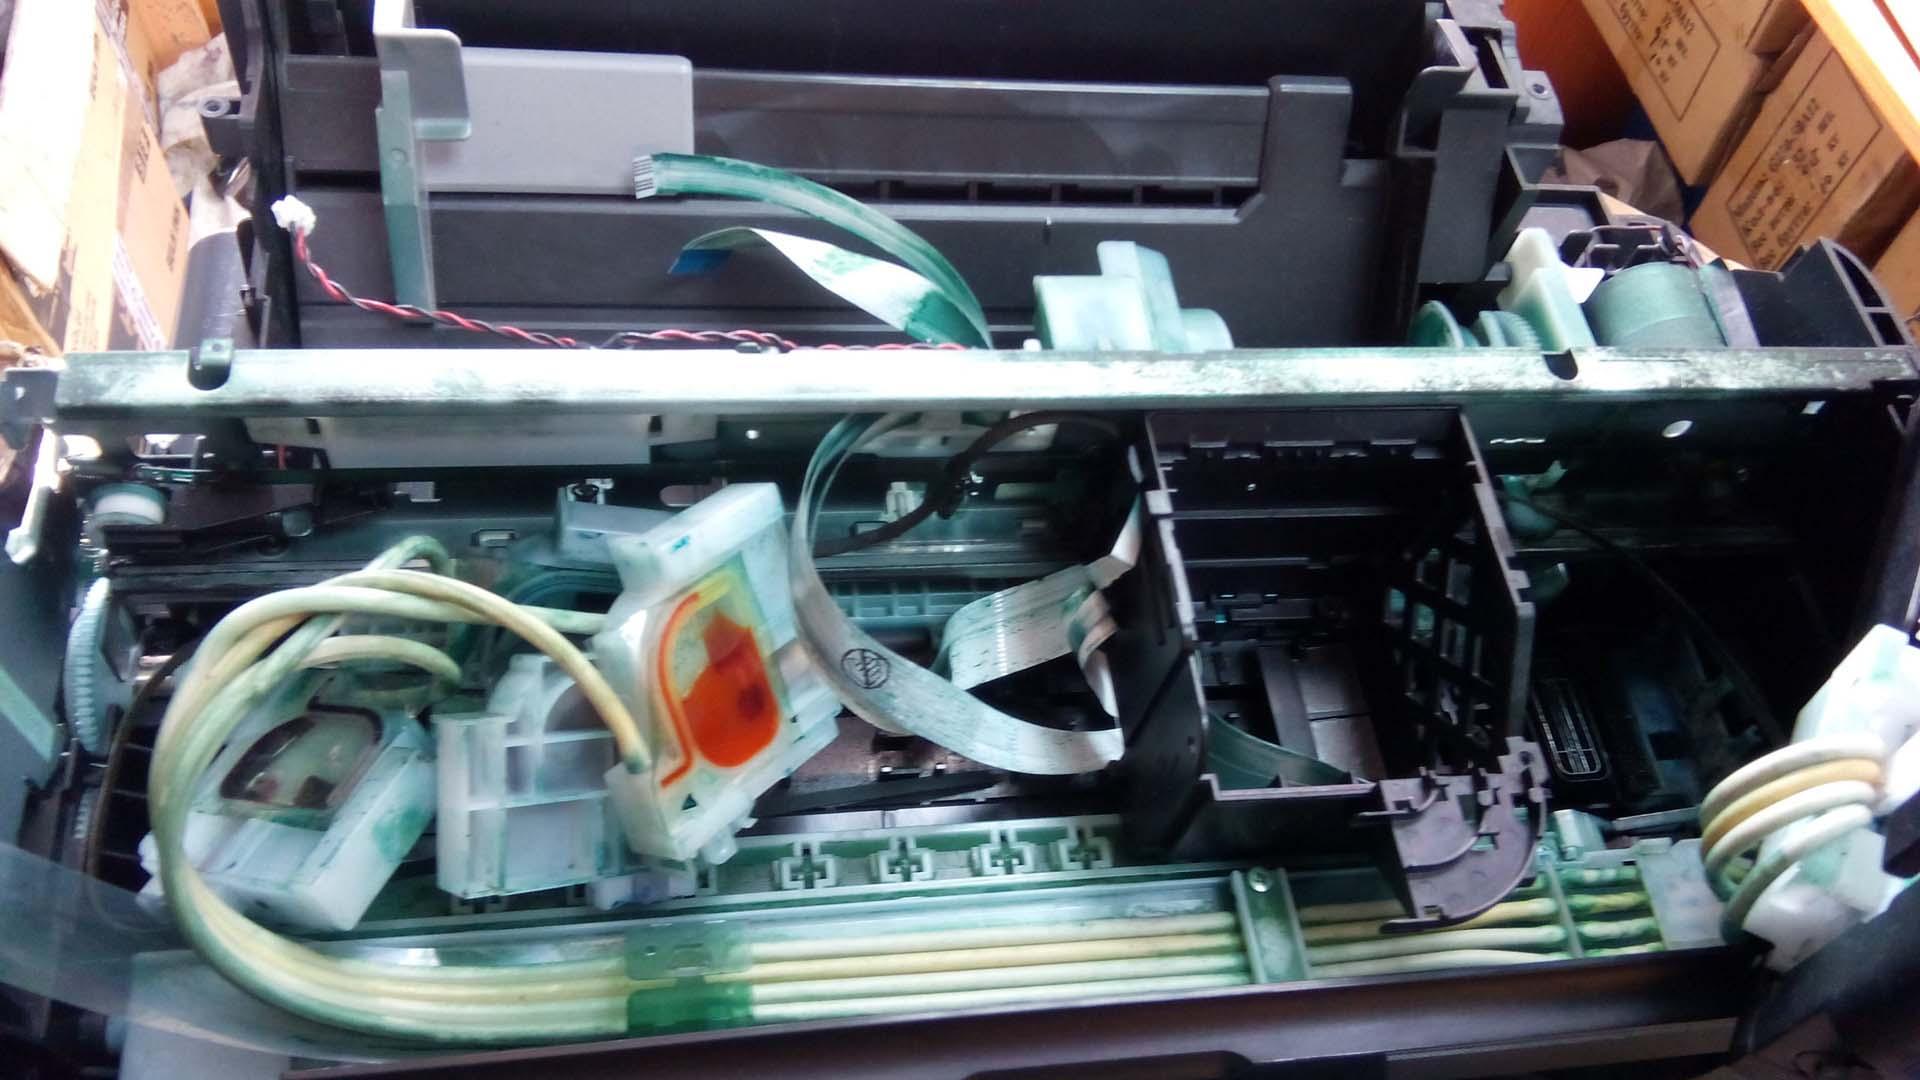 Принтер с помойки? Что нужно сделать, если вам принесли такой принтер